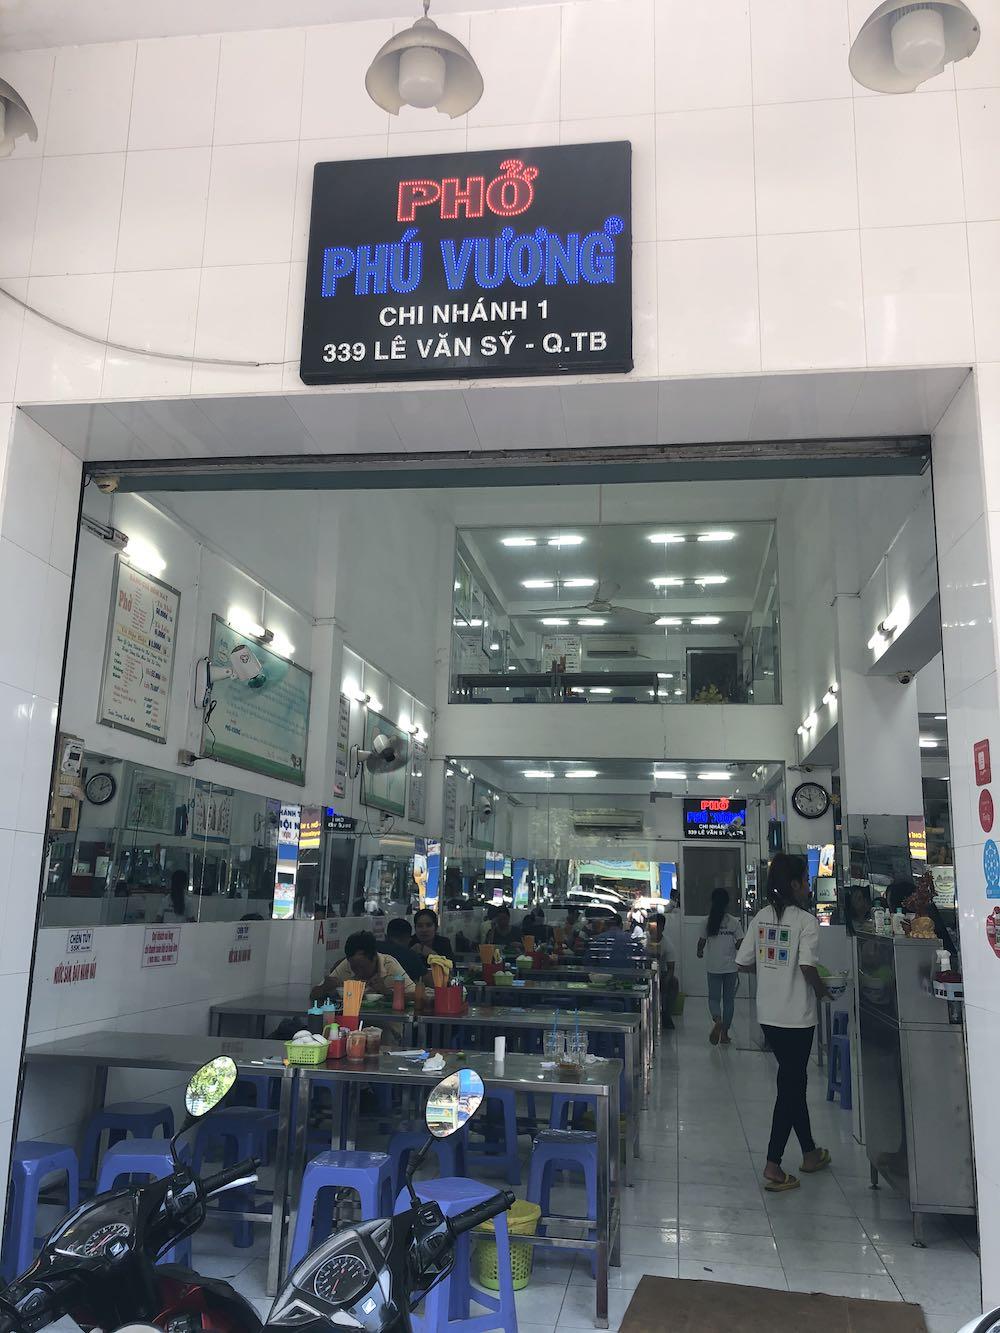 ホーチミンのフォー名店「Phở Phú Vương(フォー・フー・ブォン)」